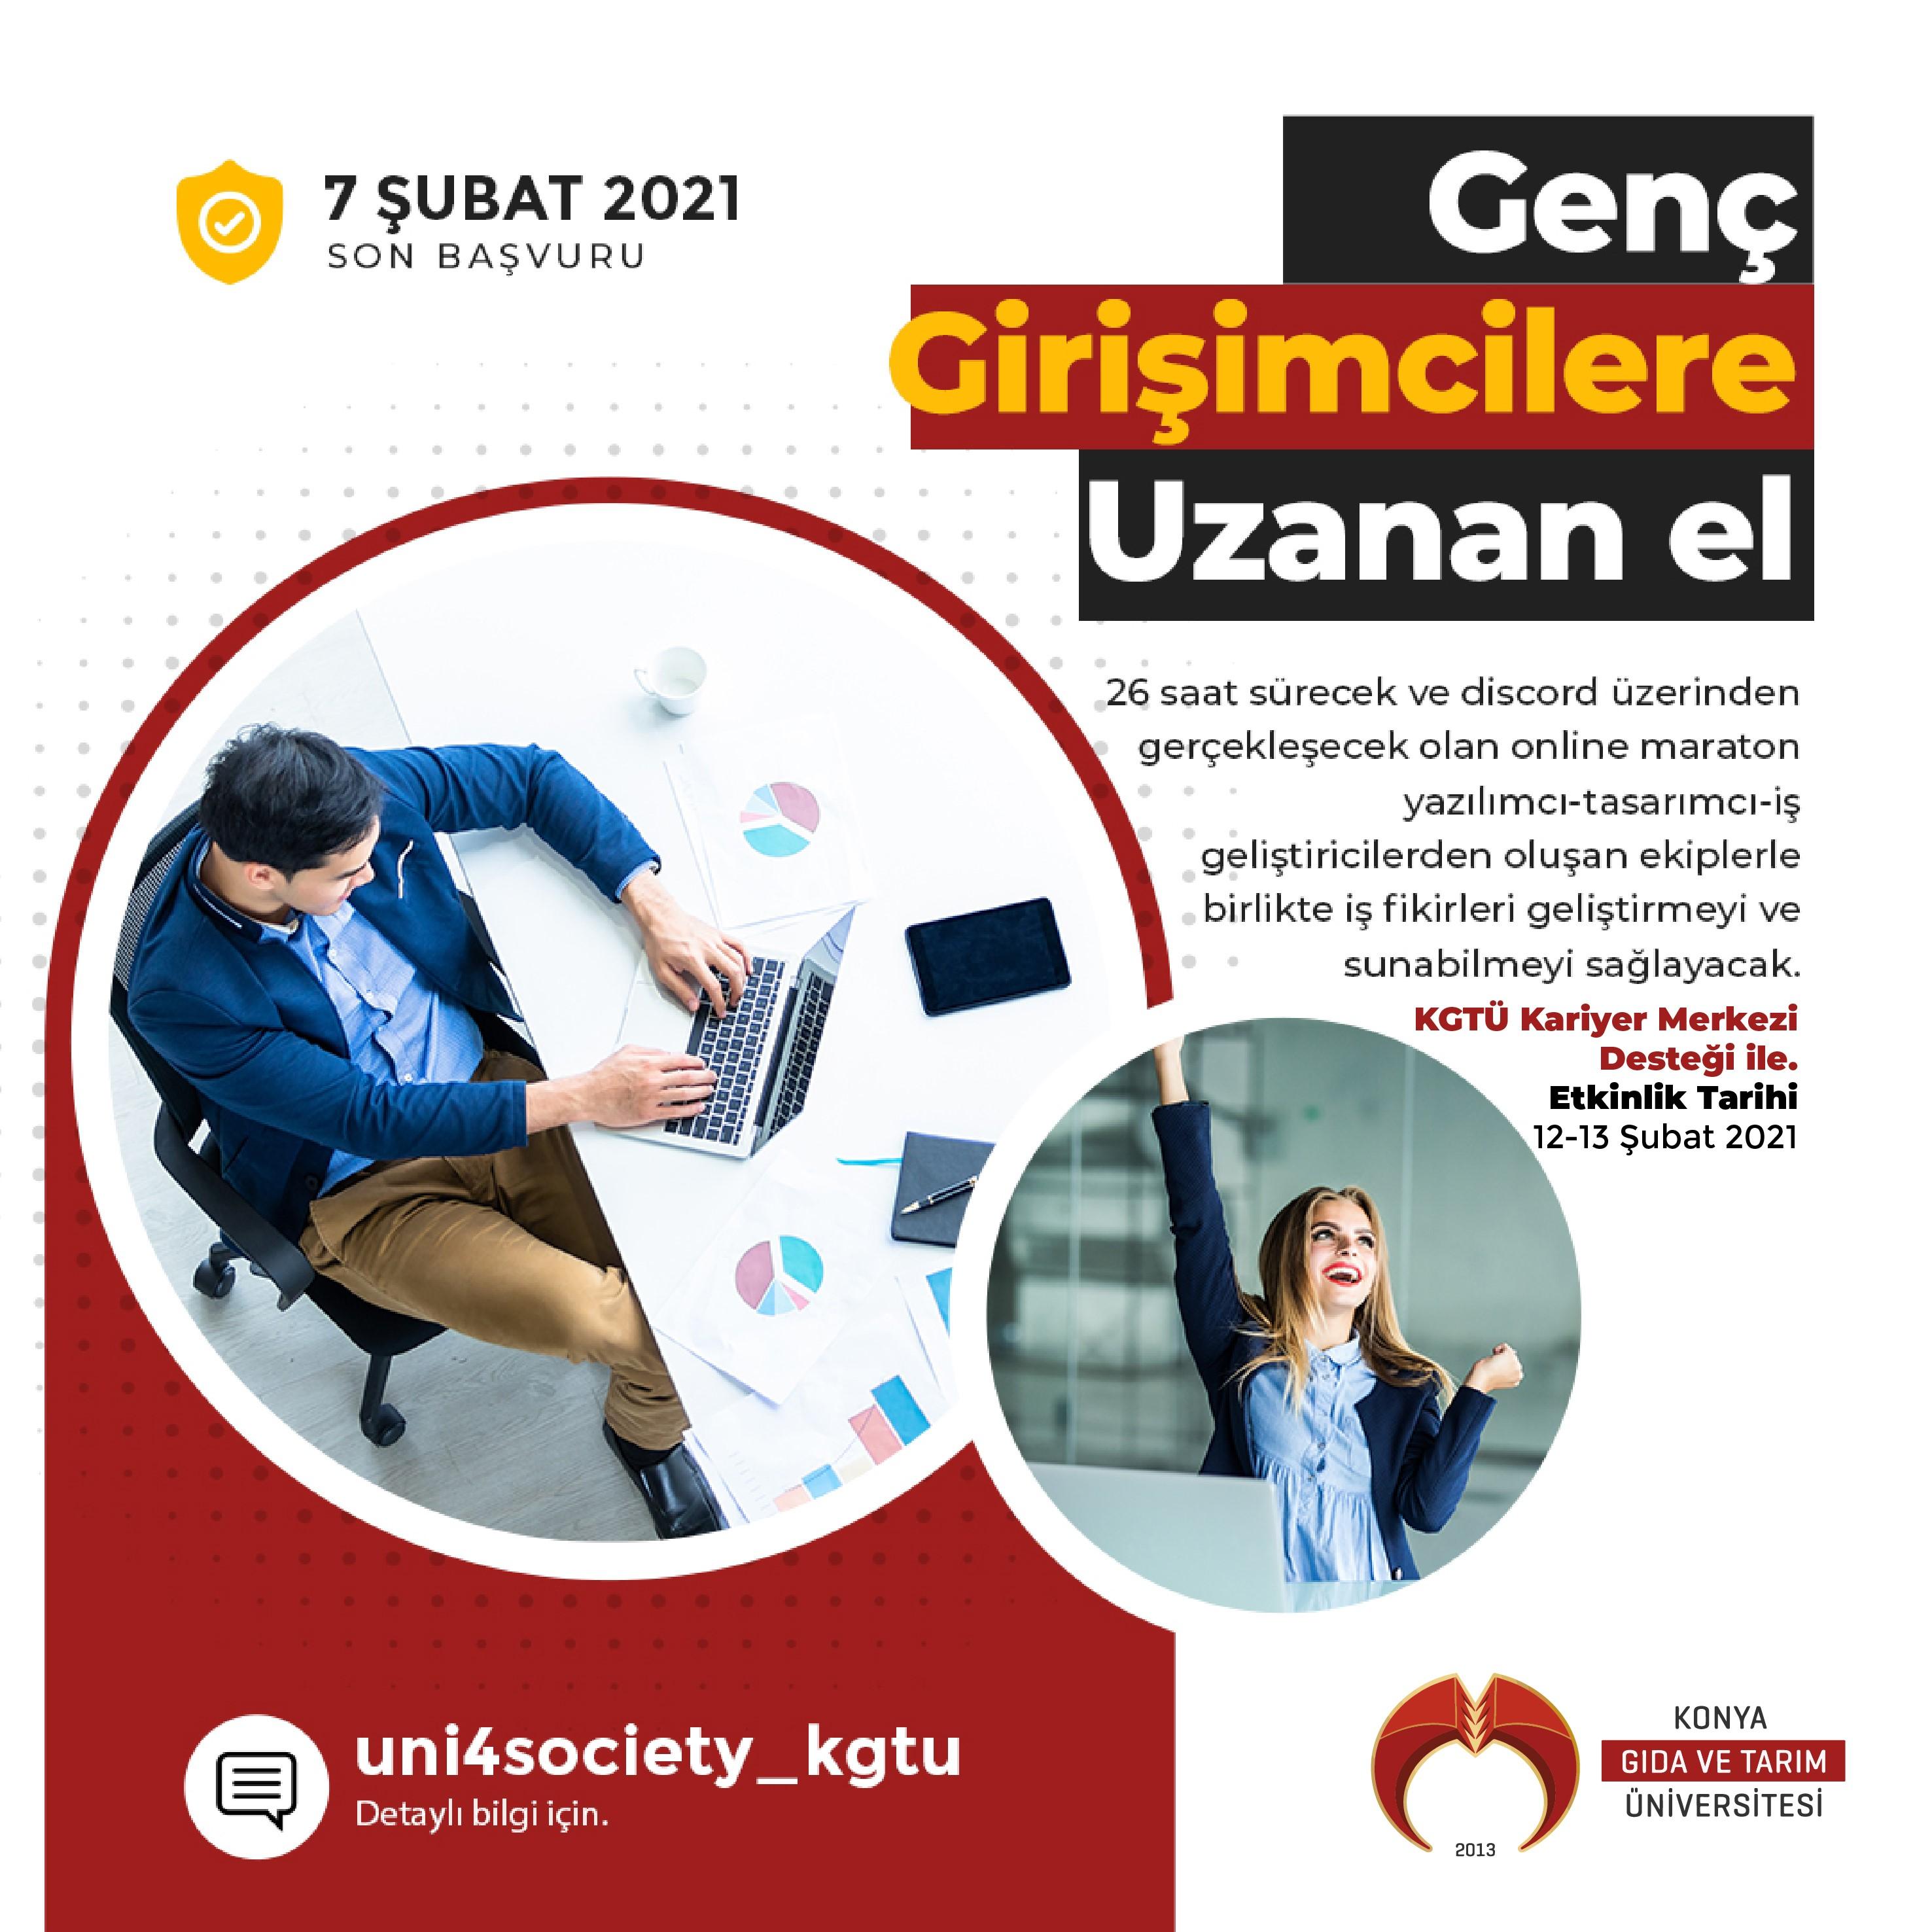 Konya Gıda ve Tarım Üniversitesi Uni4Society Organizasyonu Başvuruları Başlamıştır